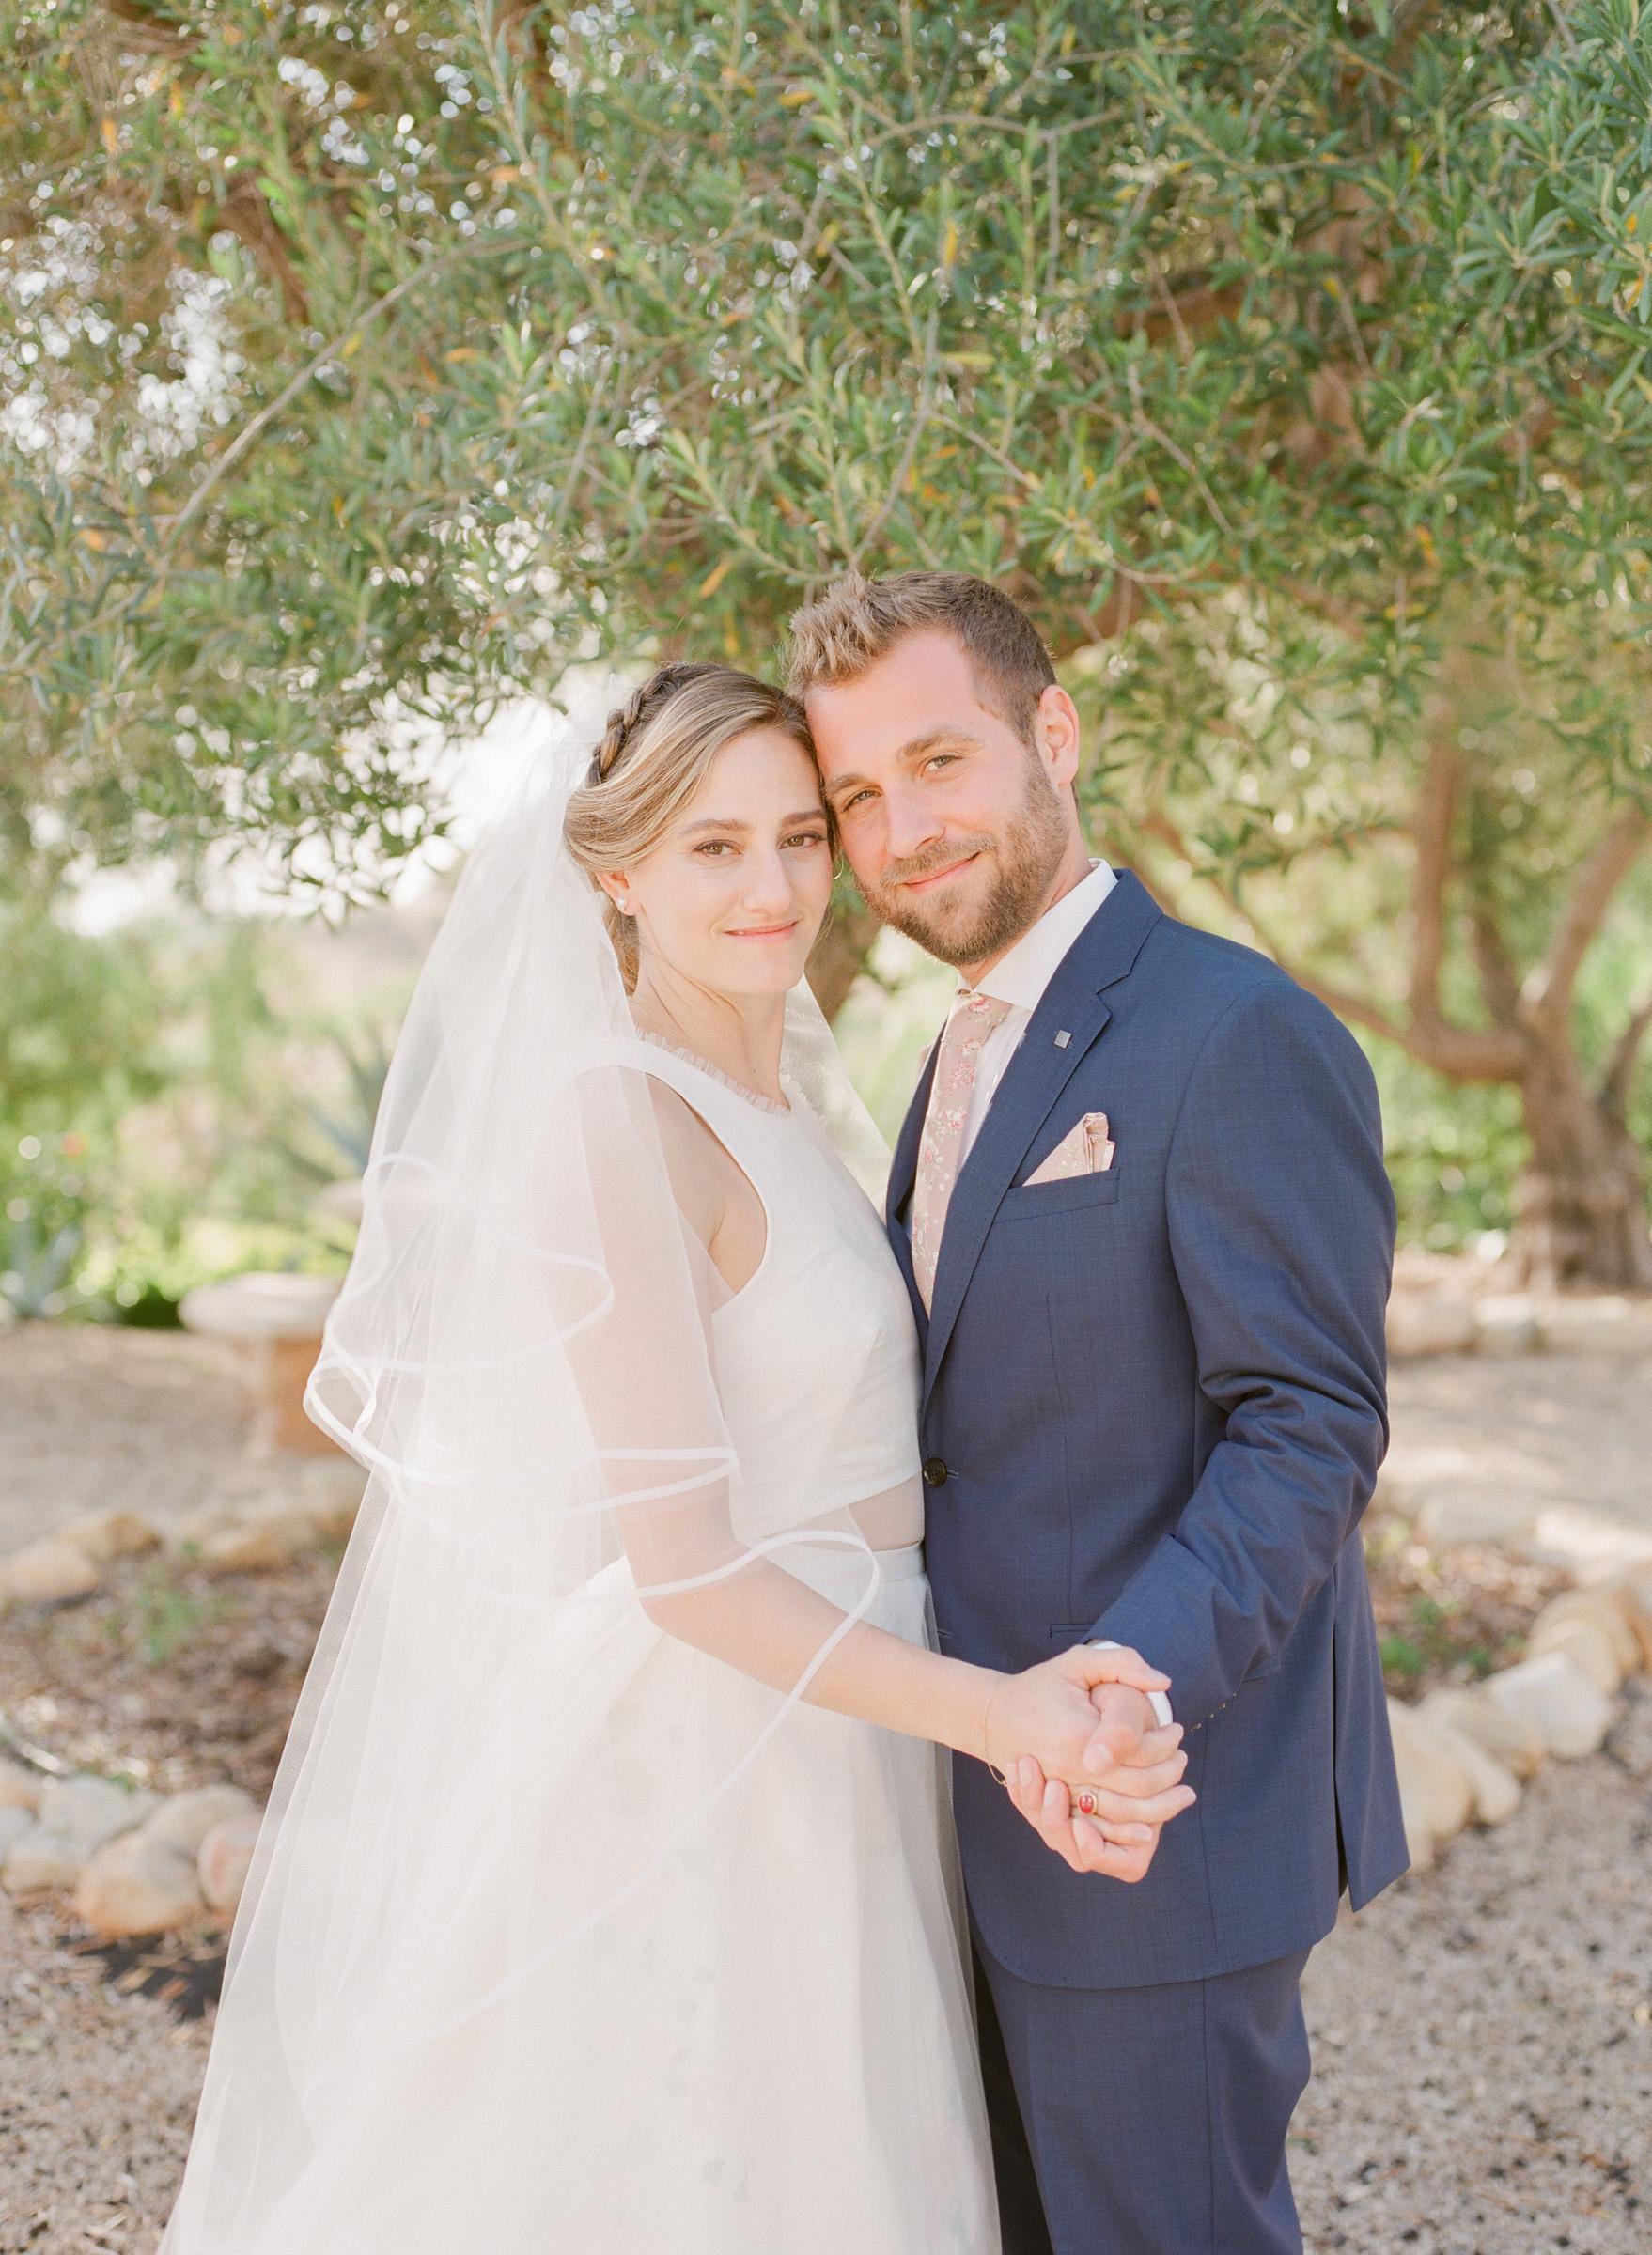 kathryn ian wedding couple